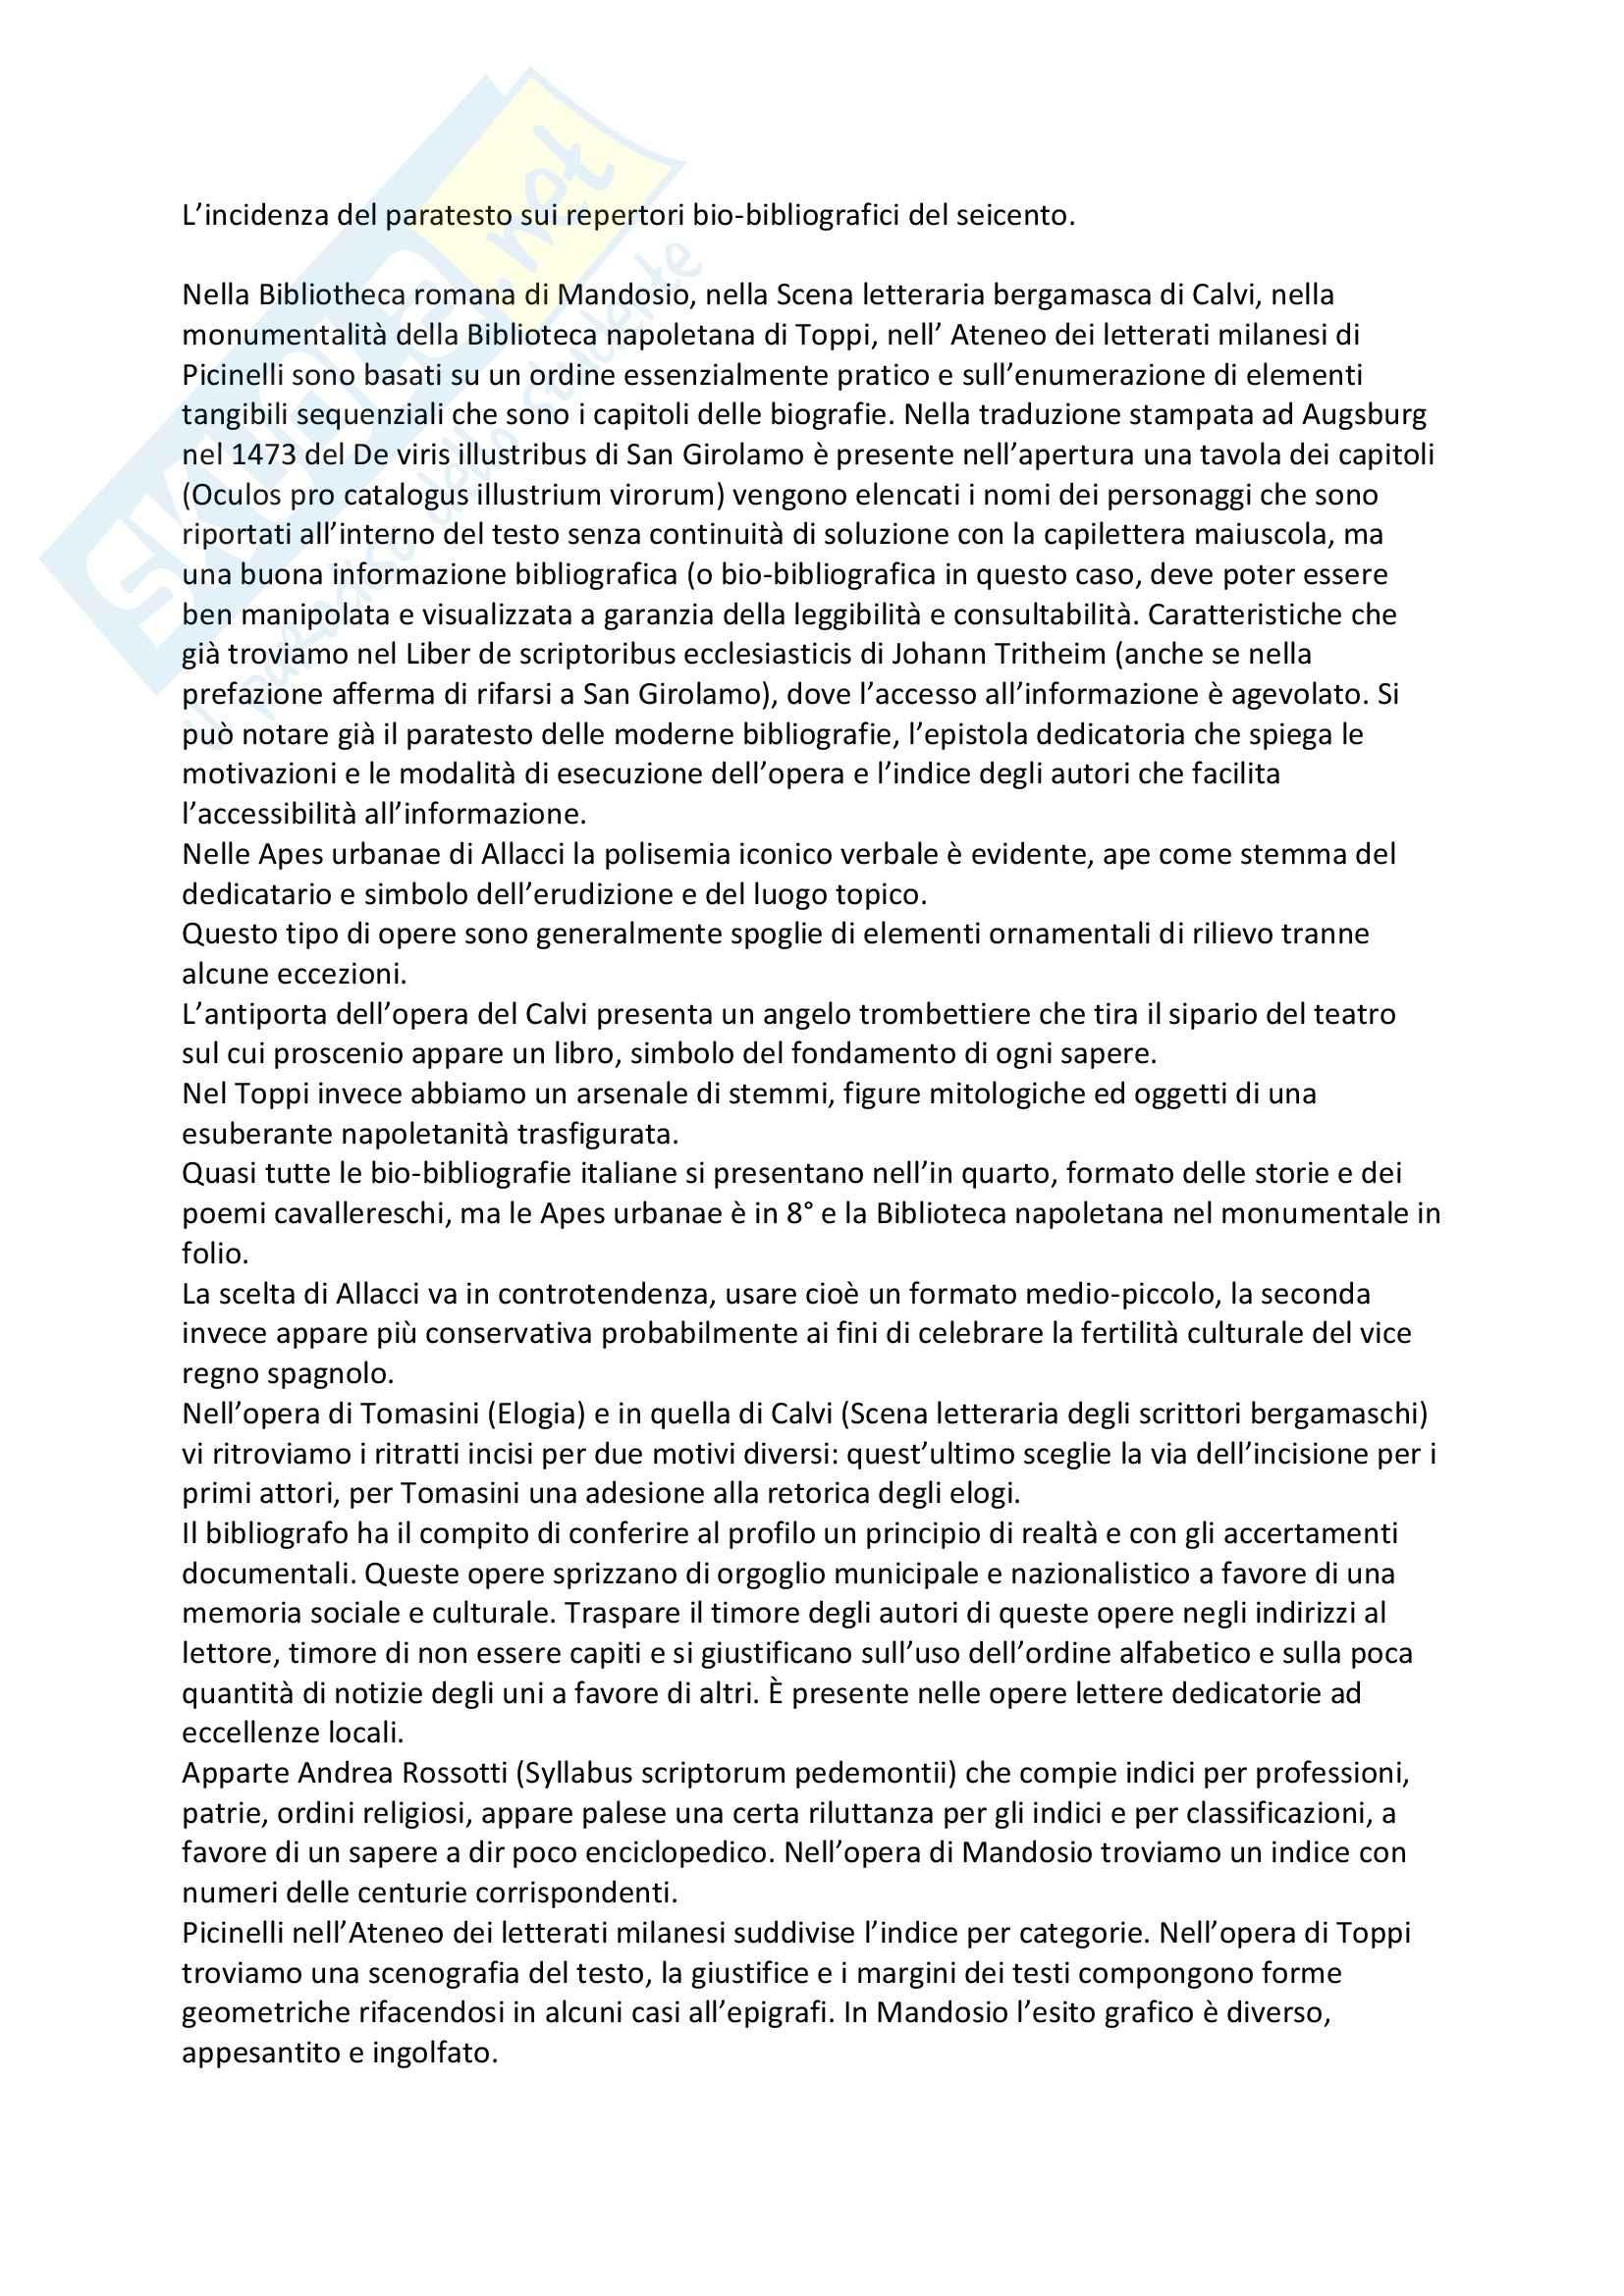 Appunti - L'informazione bibliografica, 2 parte Orlandi